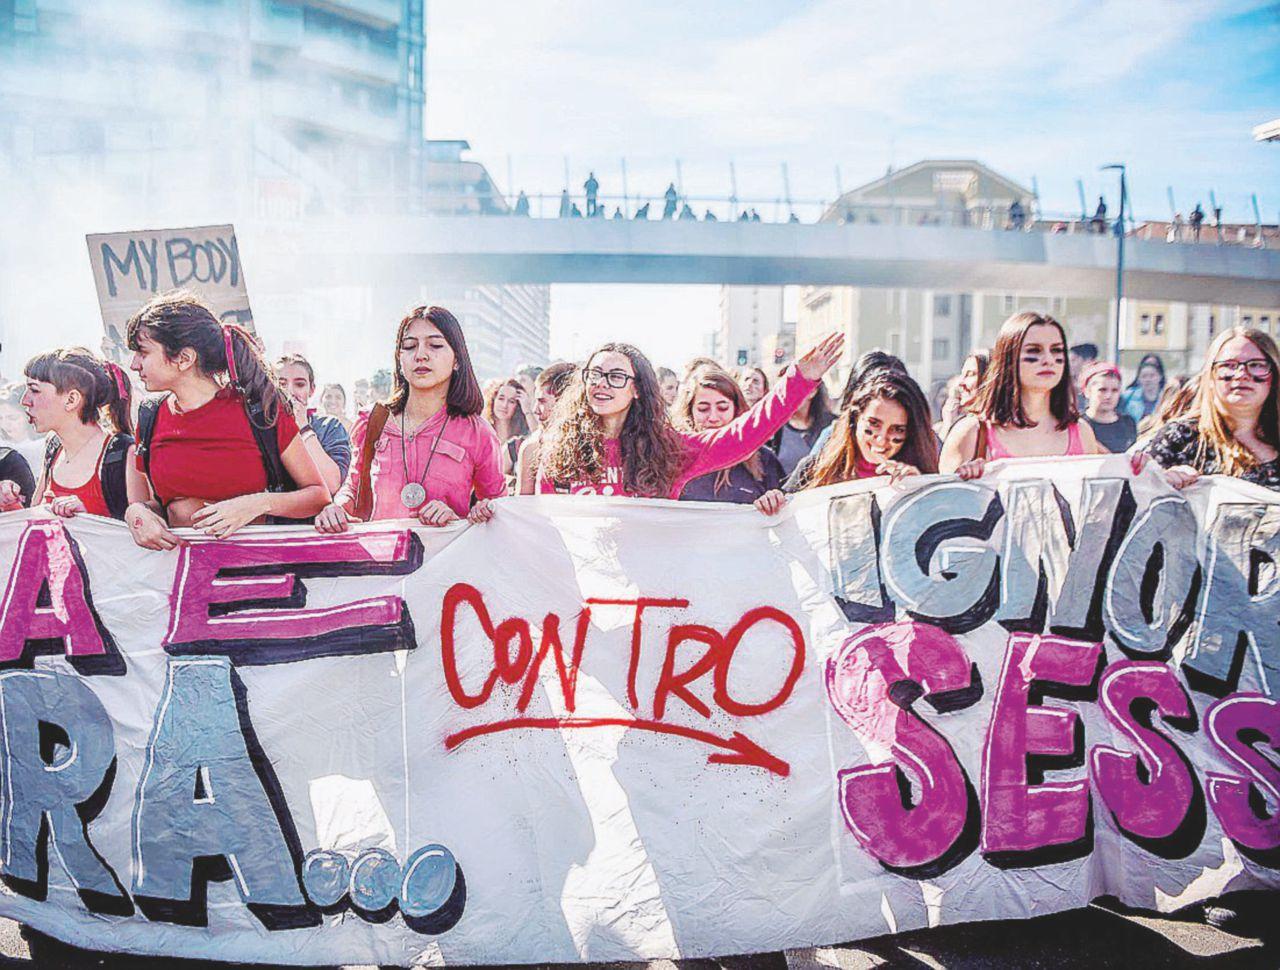 8 marzo, il mondo delle donne: cortei, slogan (e qualche disagio)